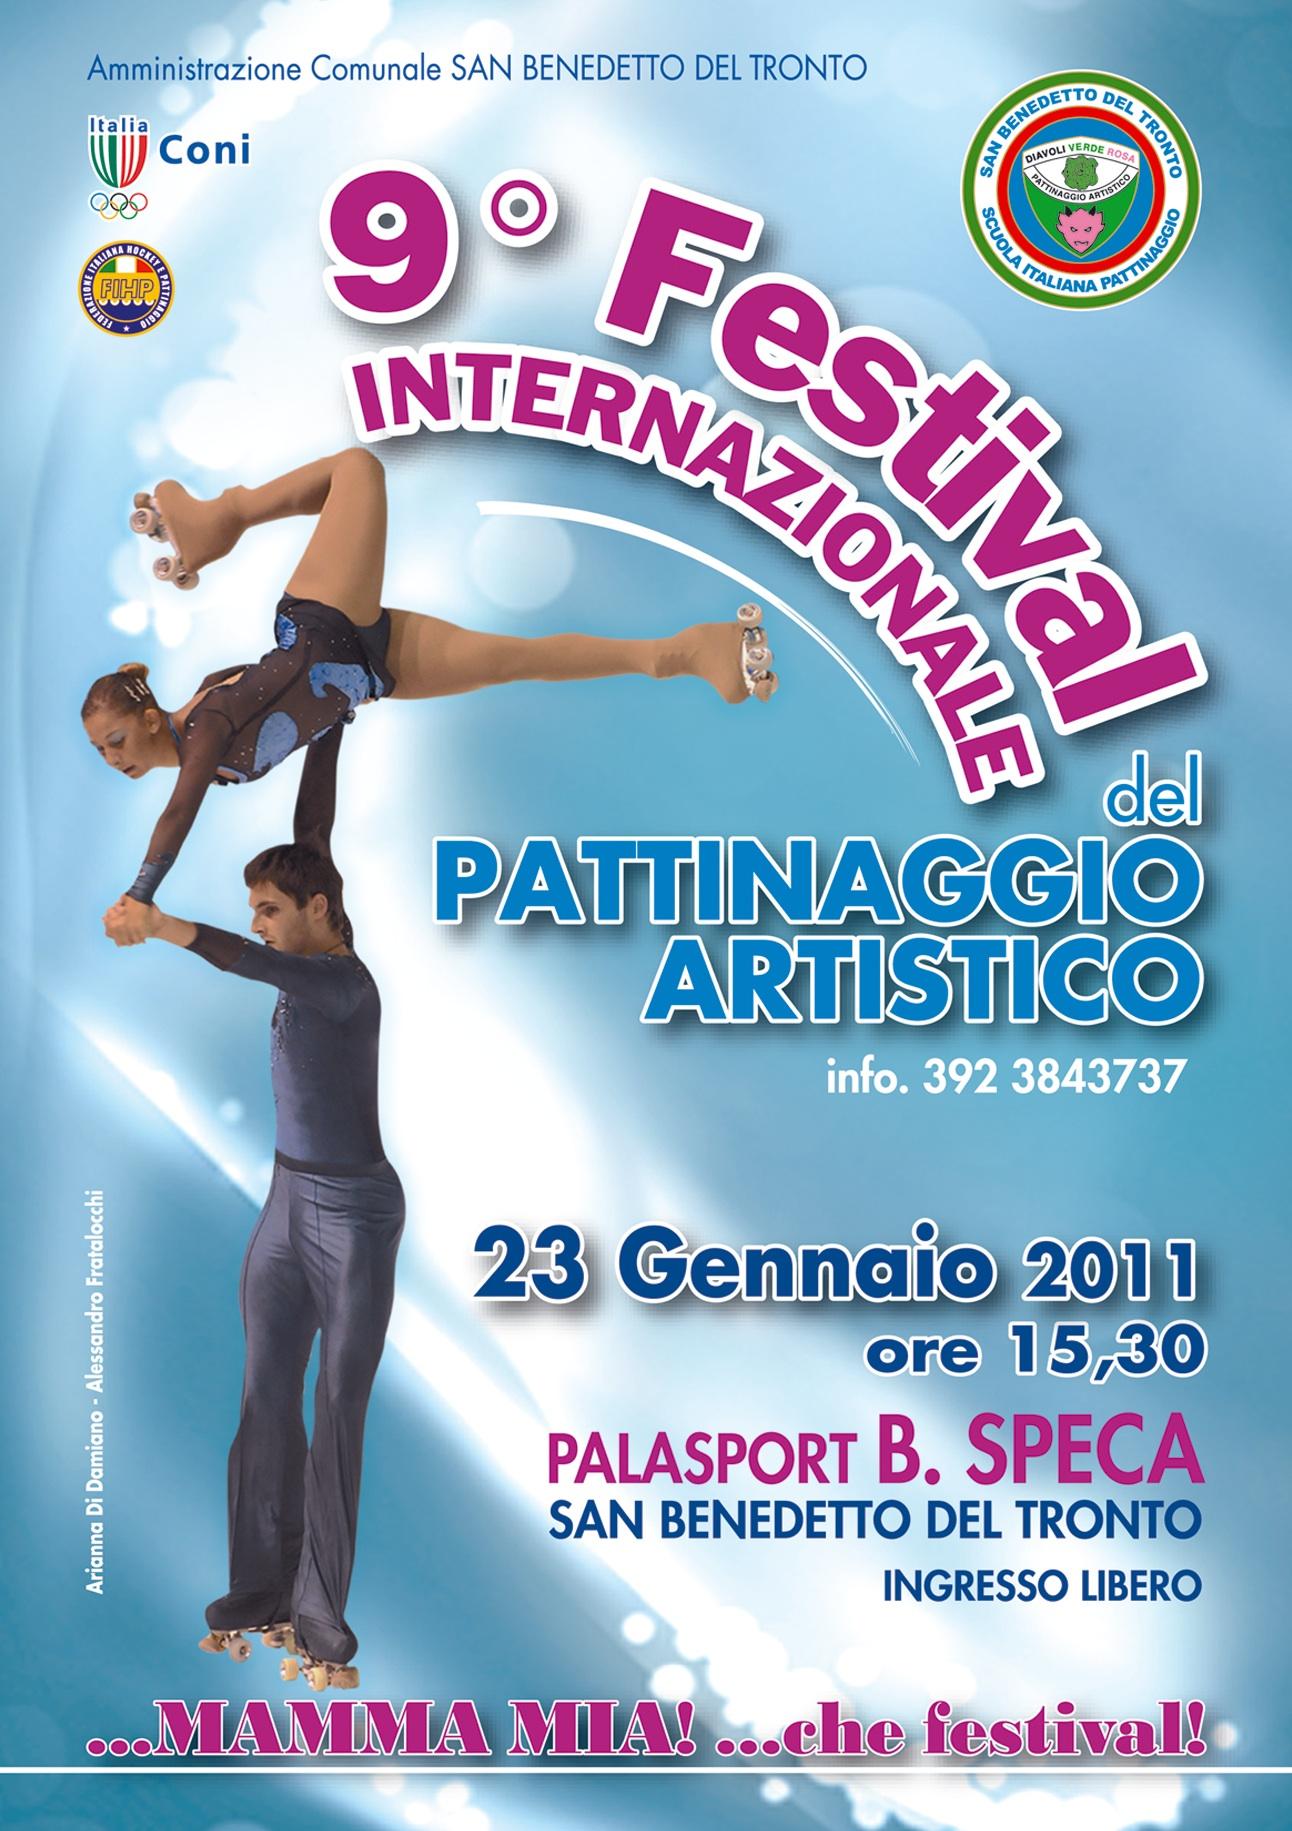 Il manifesto promozionale dell'edizione 2011 del festival